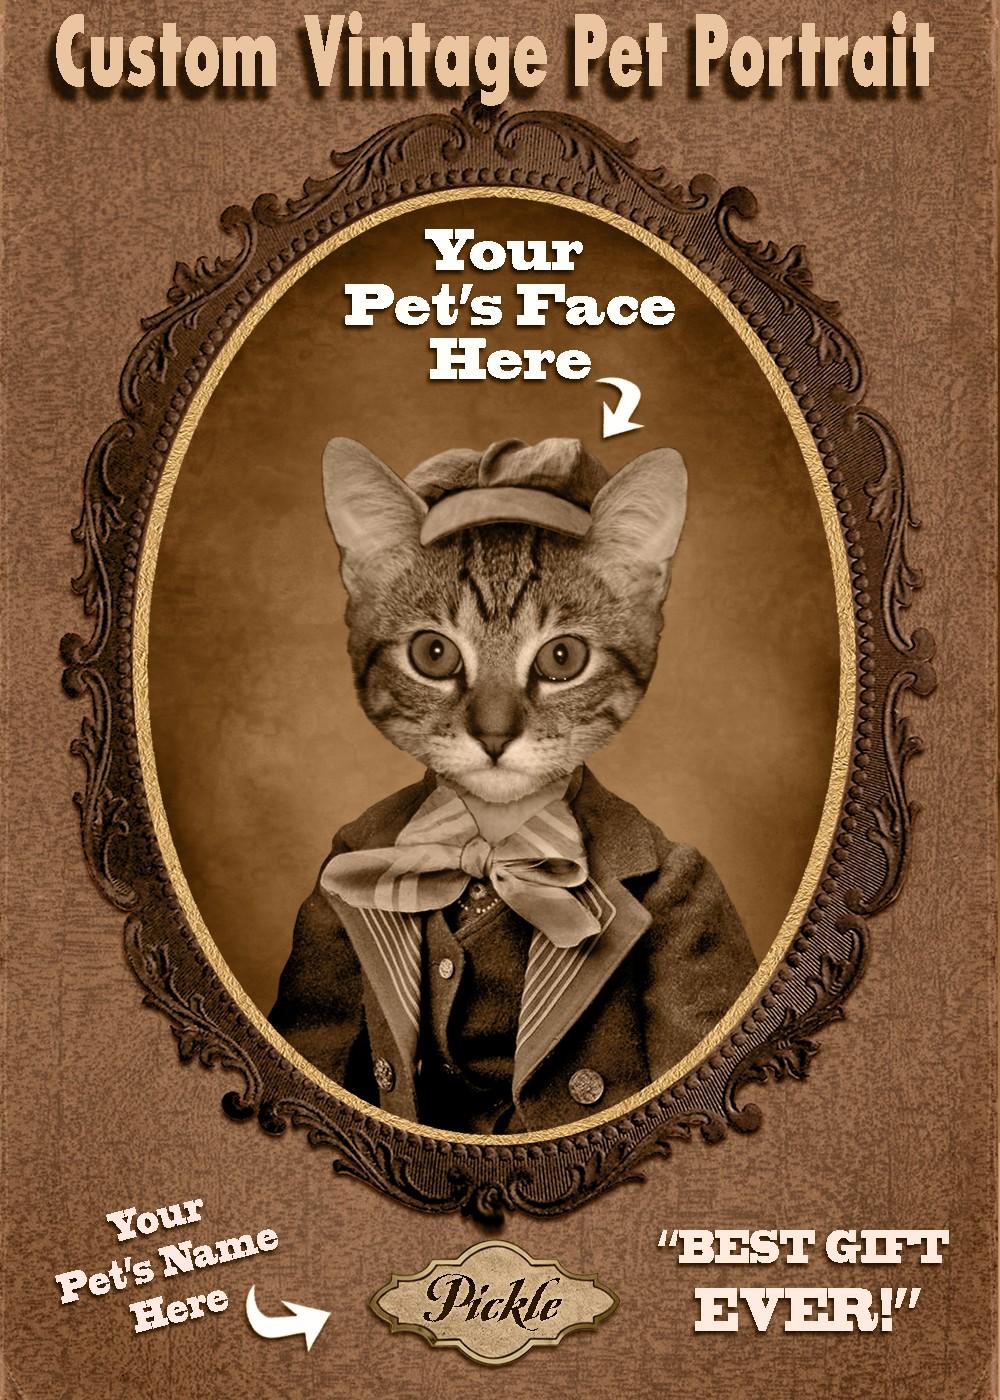 a91e64d630d3 Catsparella: Custom Vintage Cat Portraits by Hot Digital Dog